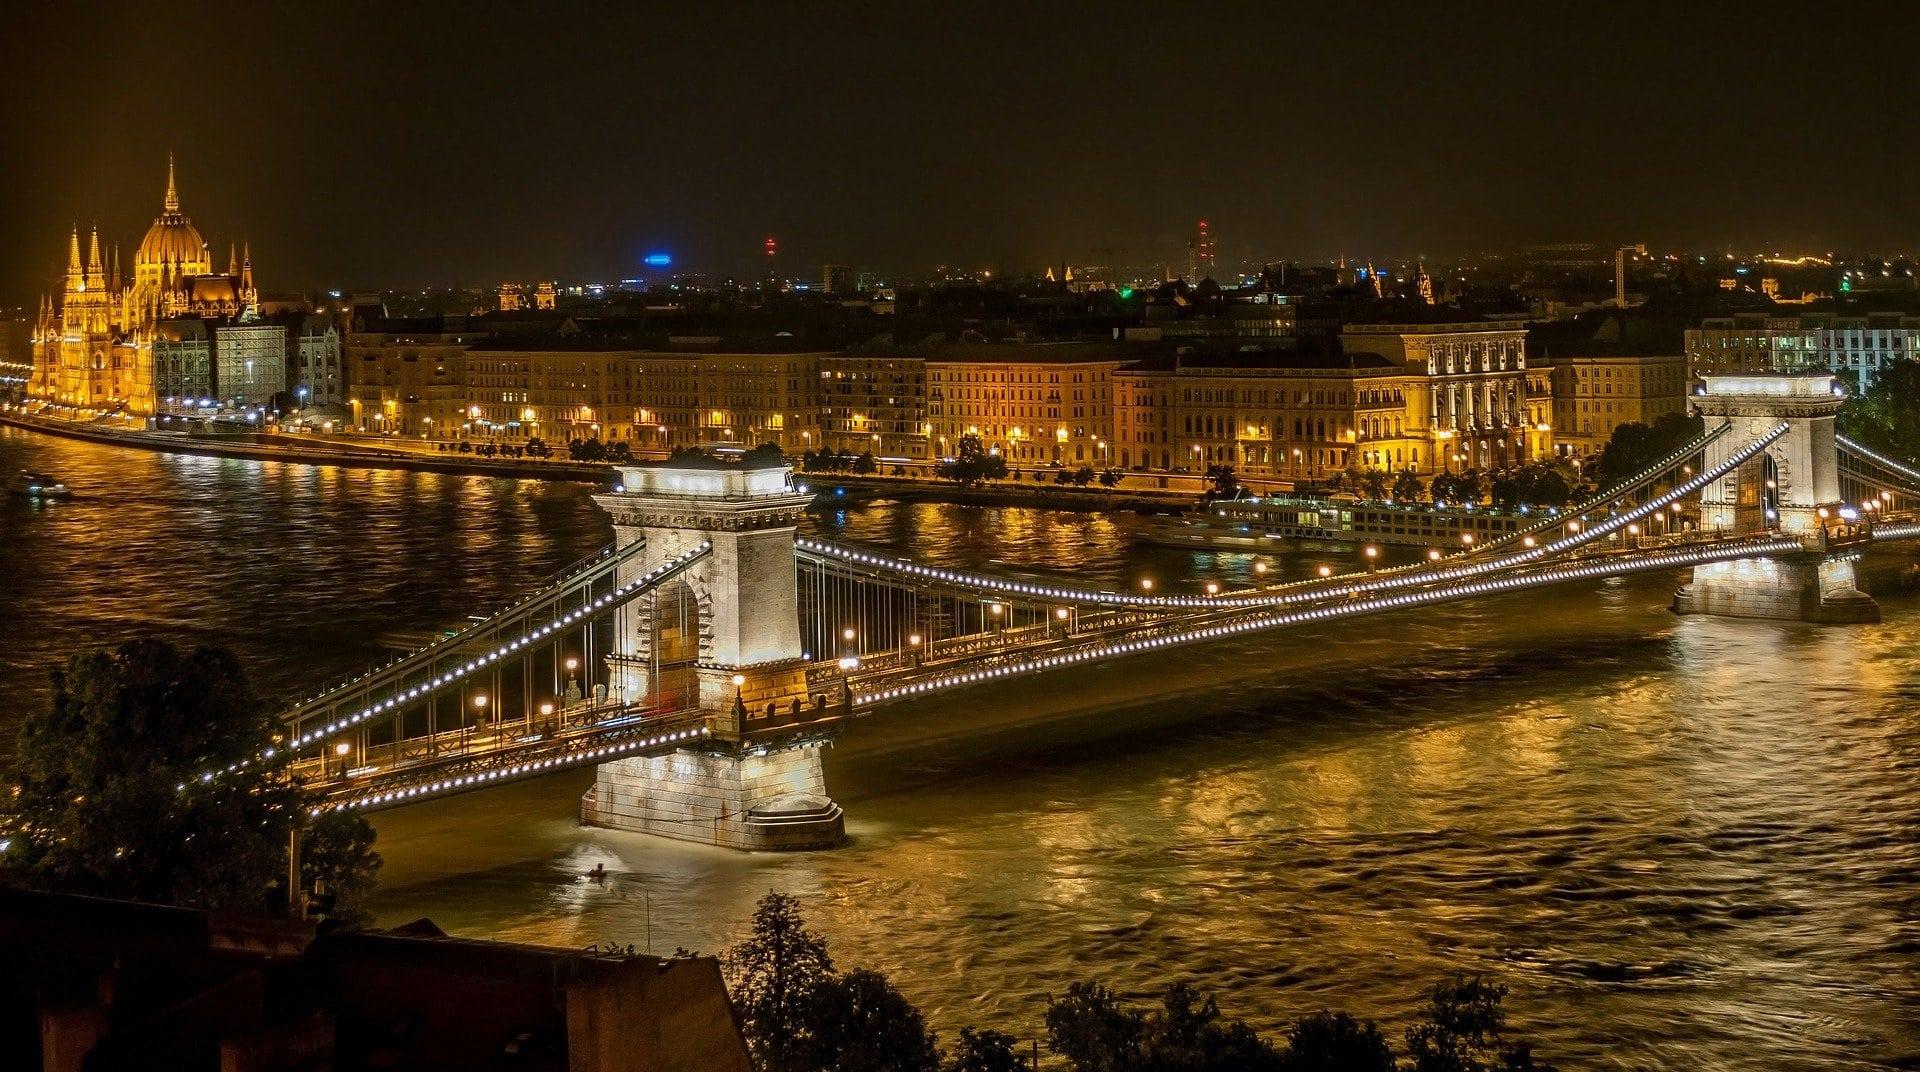 Kettenbürcke in Budapest bei Nacht